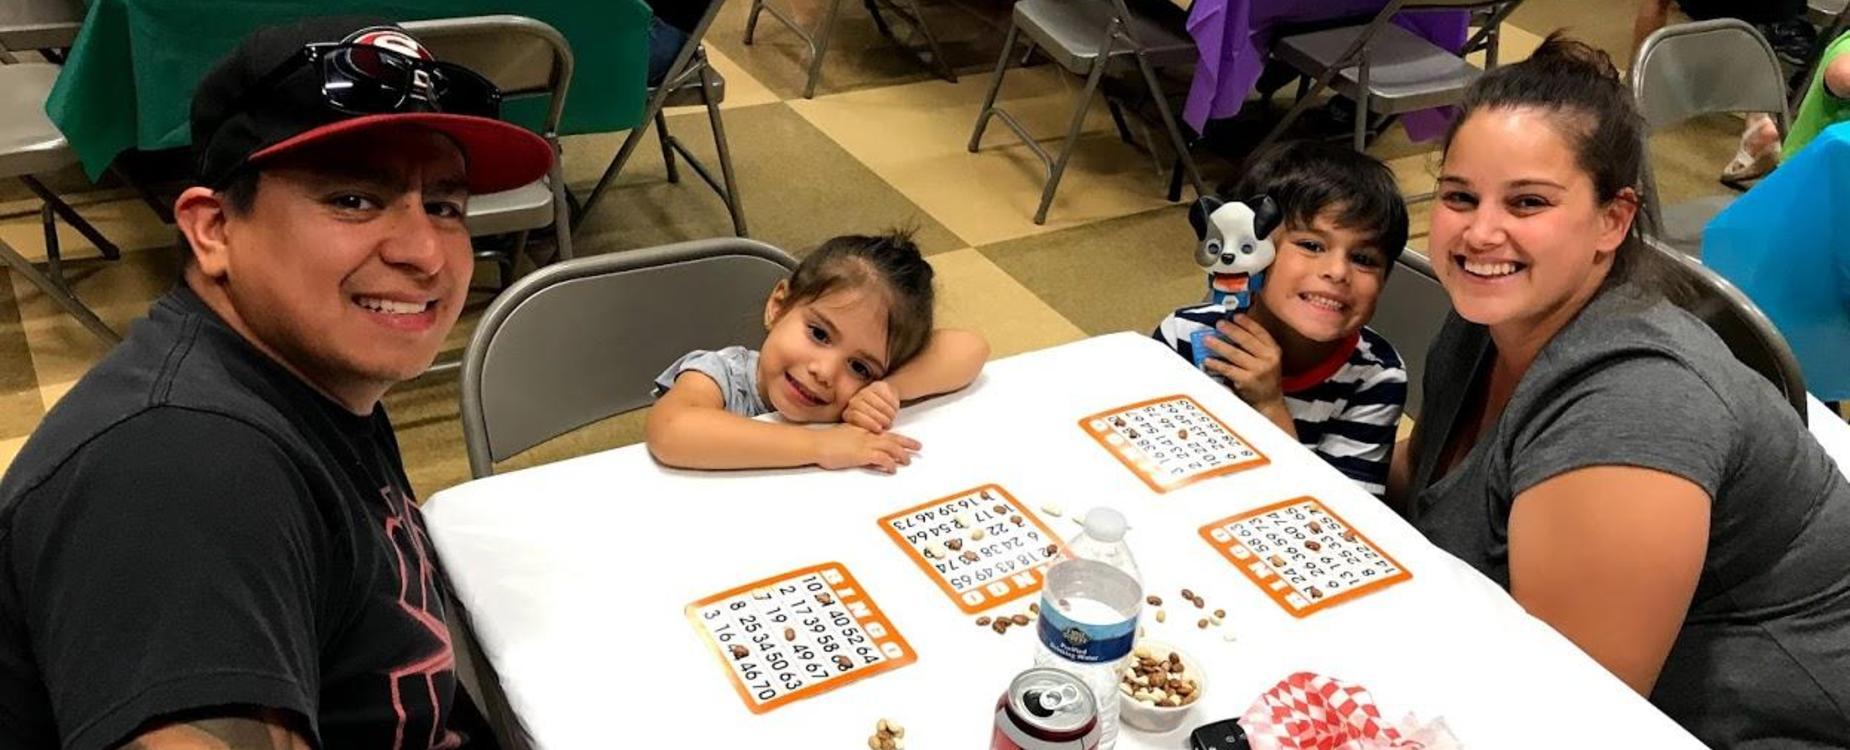 Family enjoying bingo night